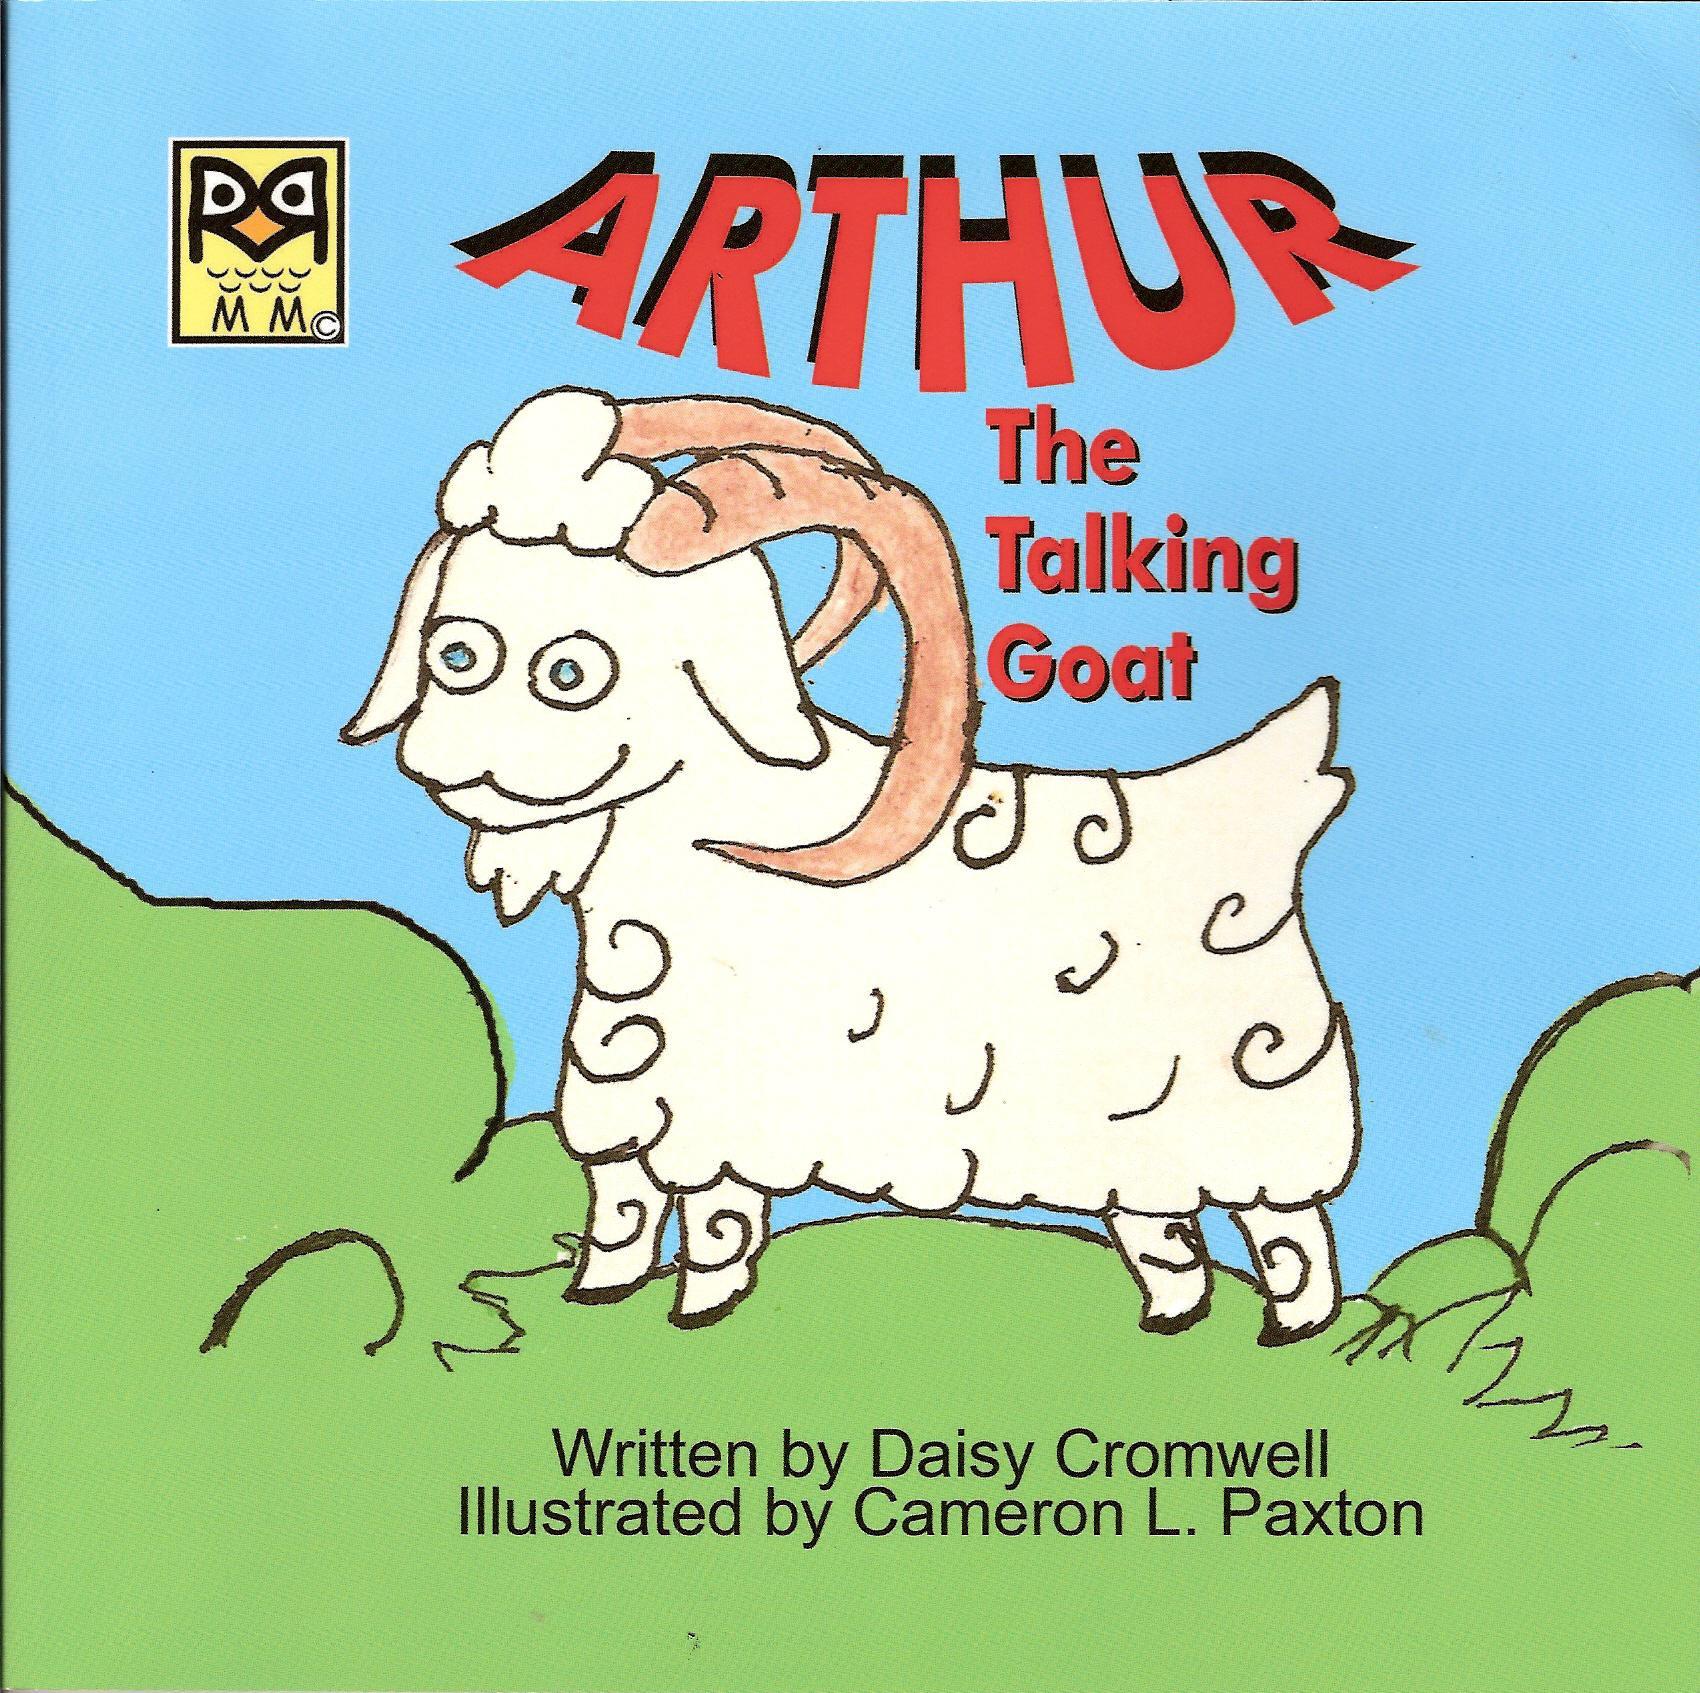 Arthur the Talking Goat